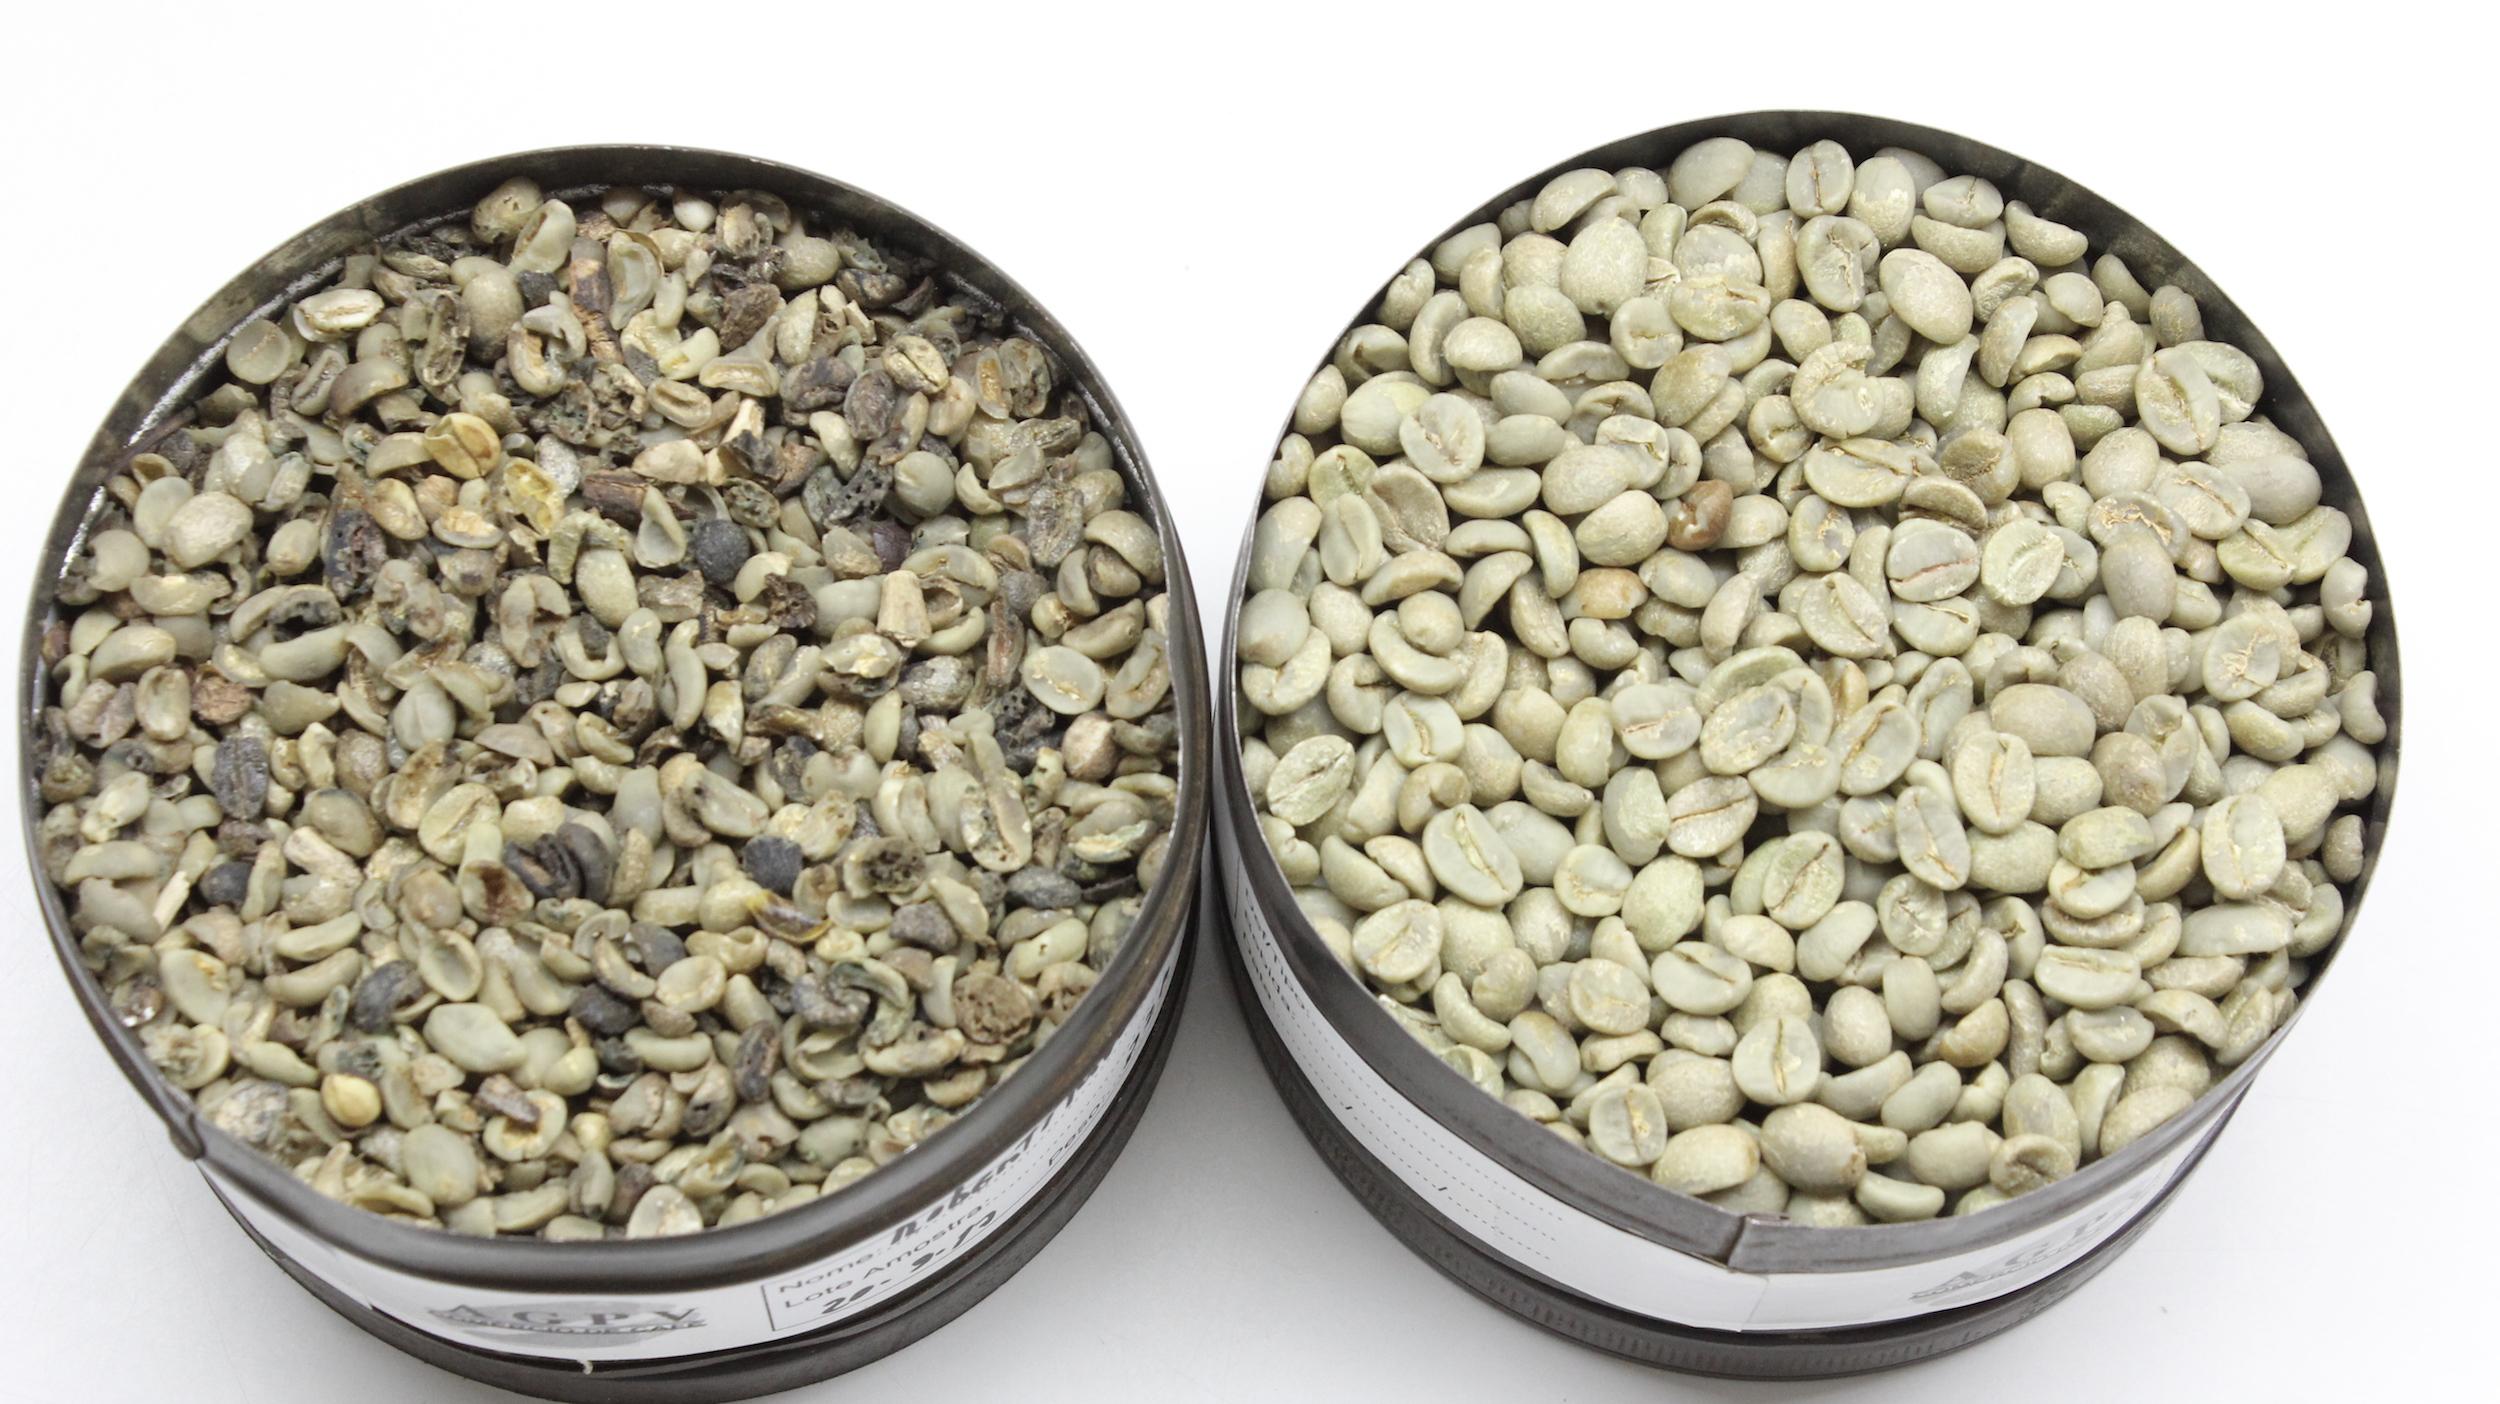 Amostras reais de café tradicional (esquerda) e café especial (direita)